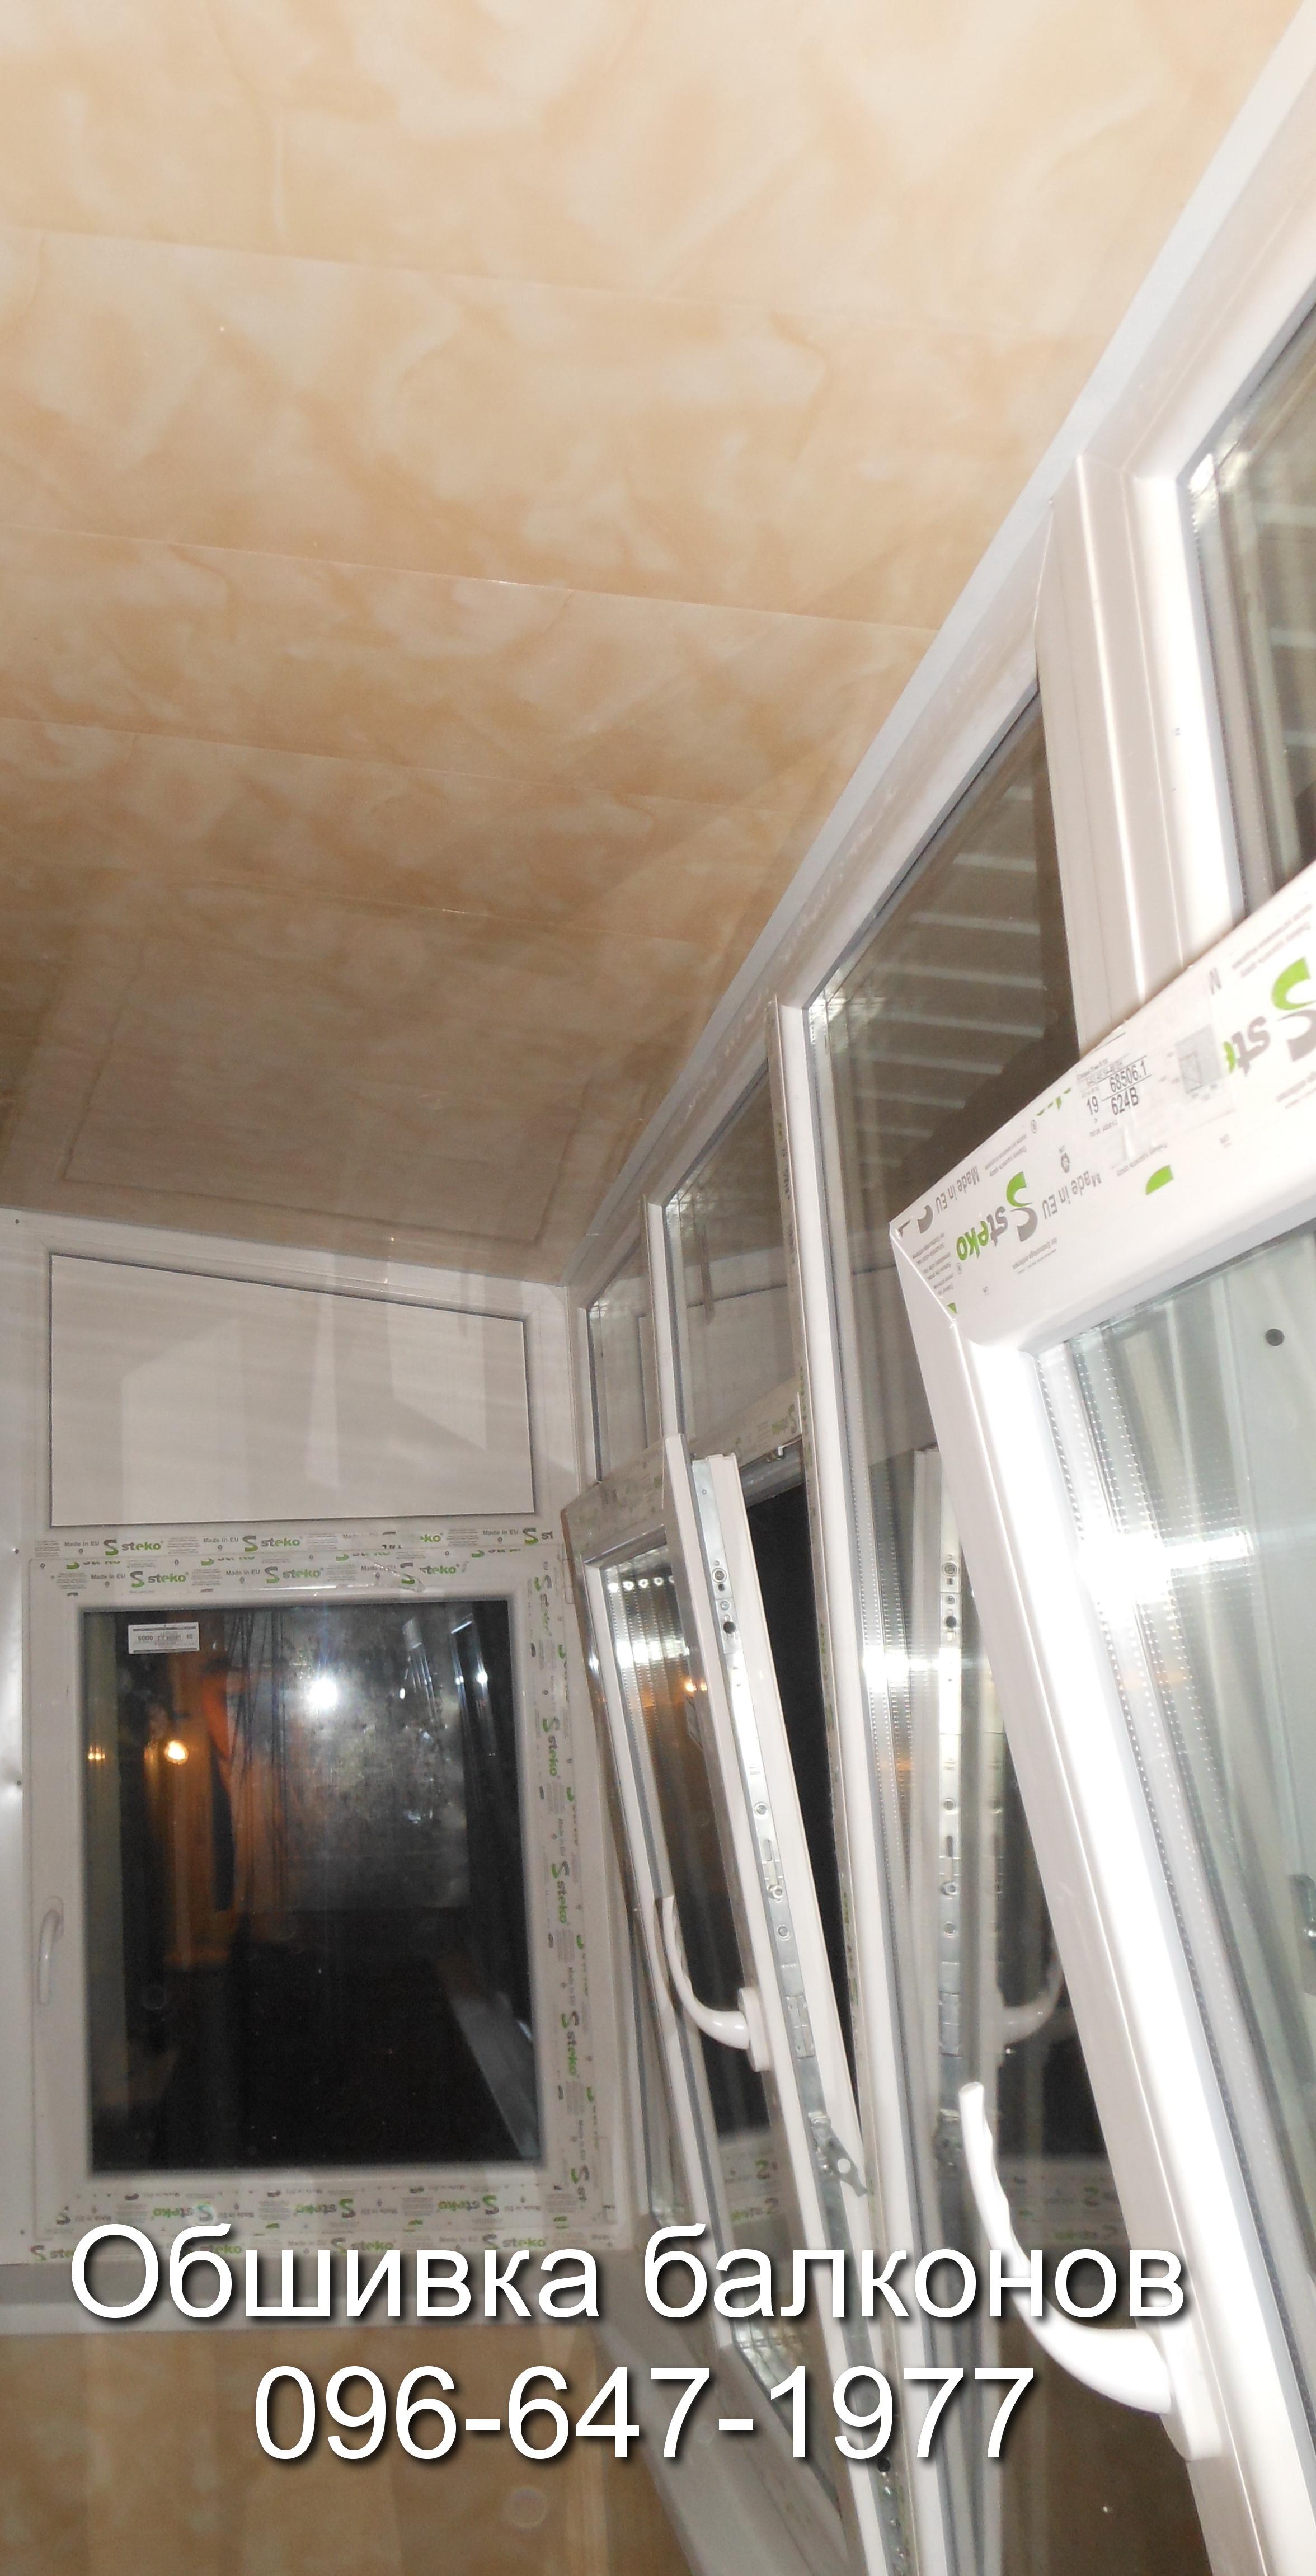 obshivka balkonov (5)